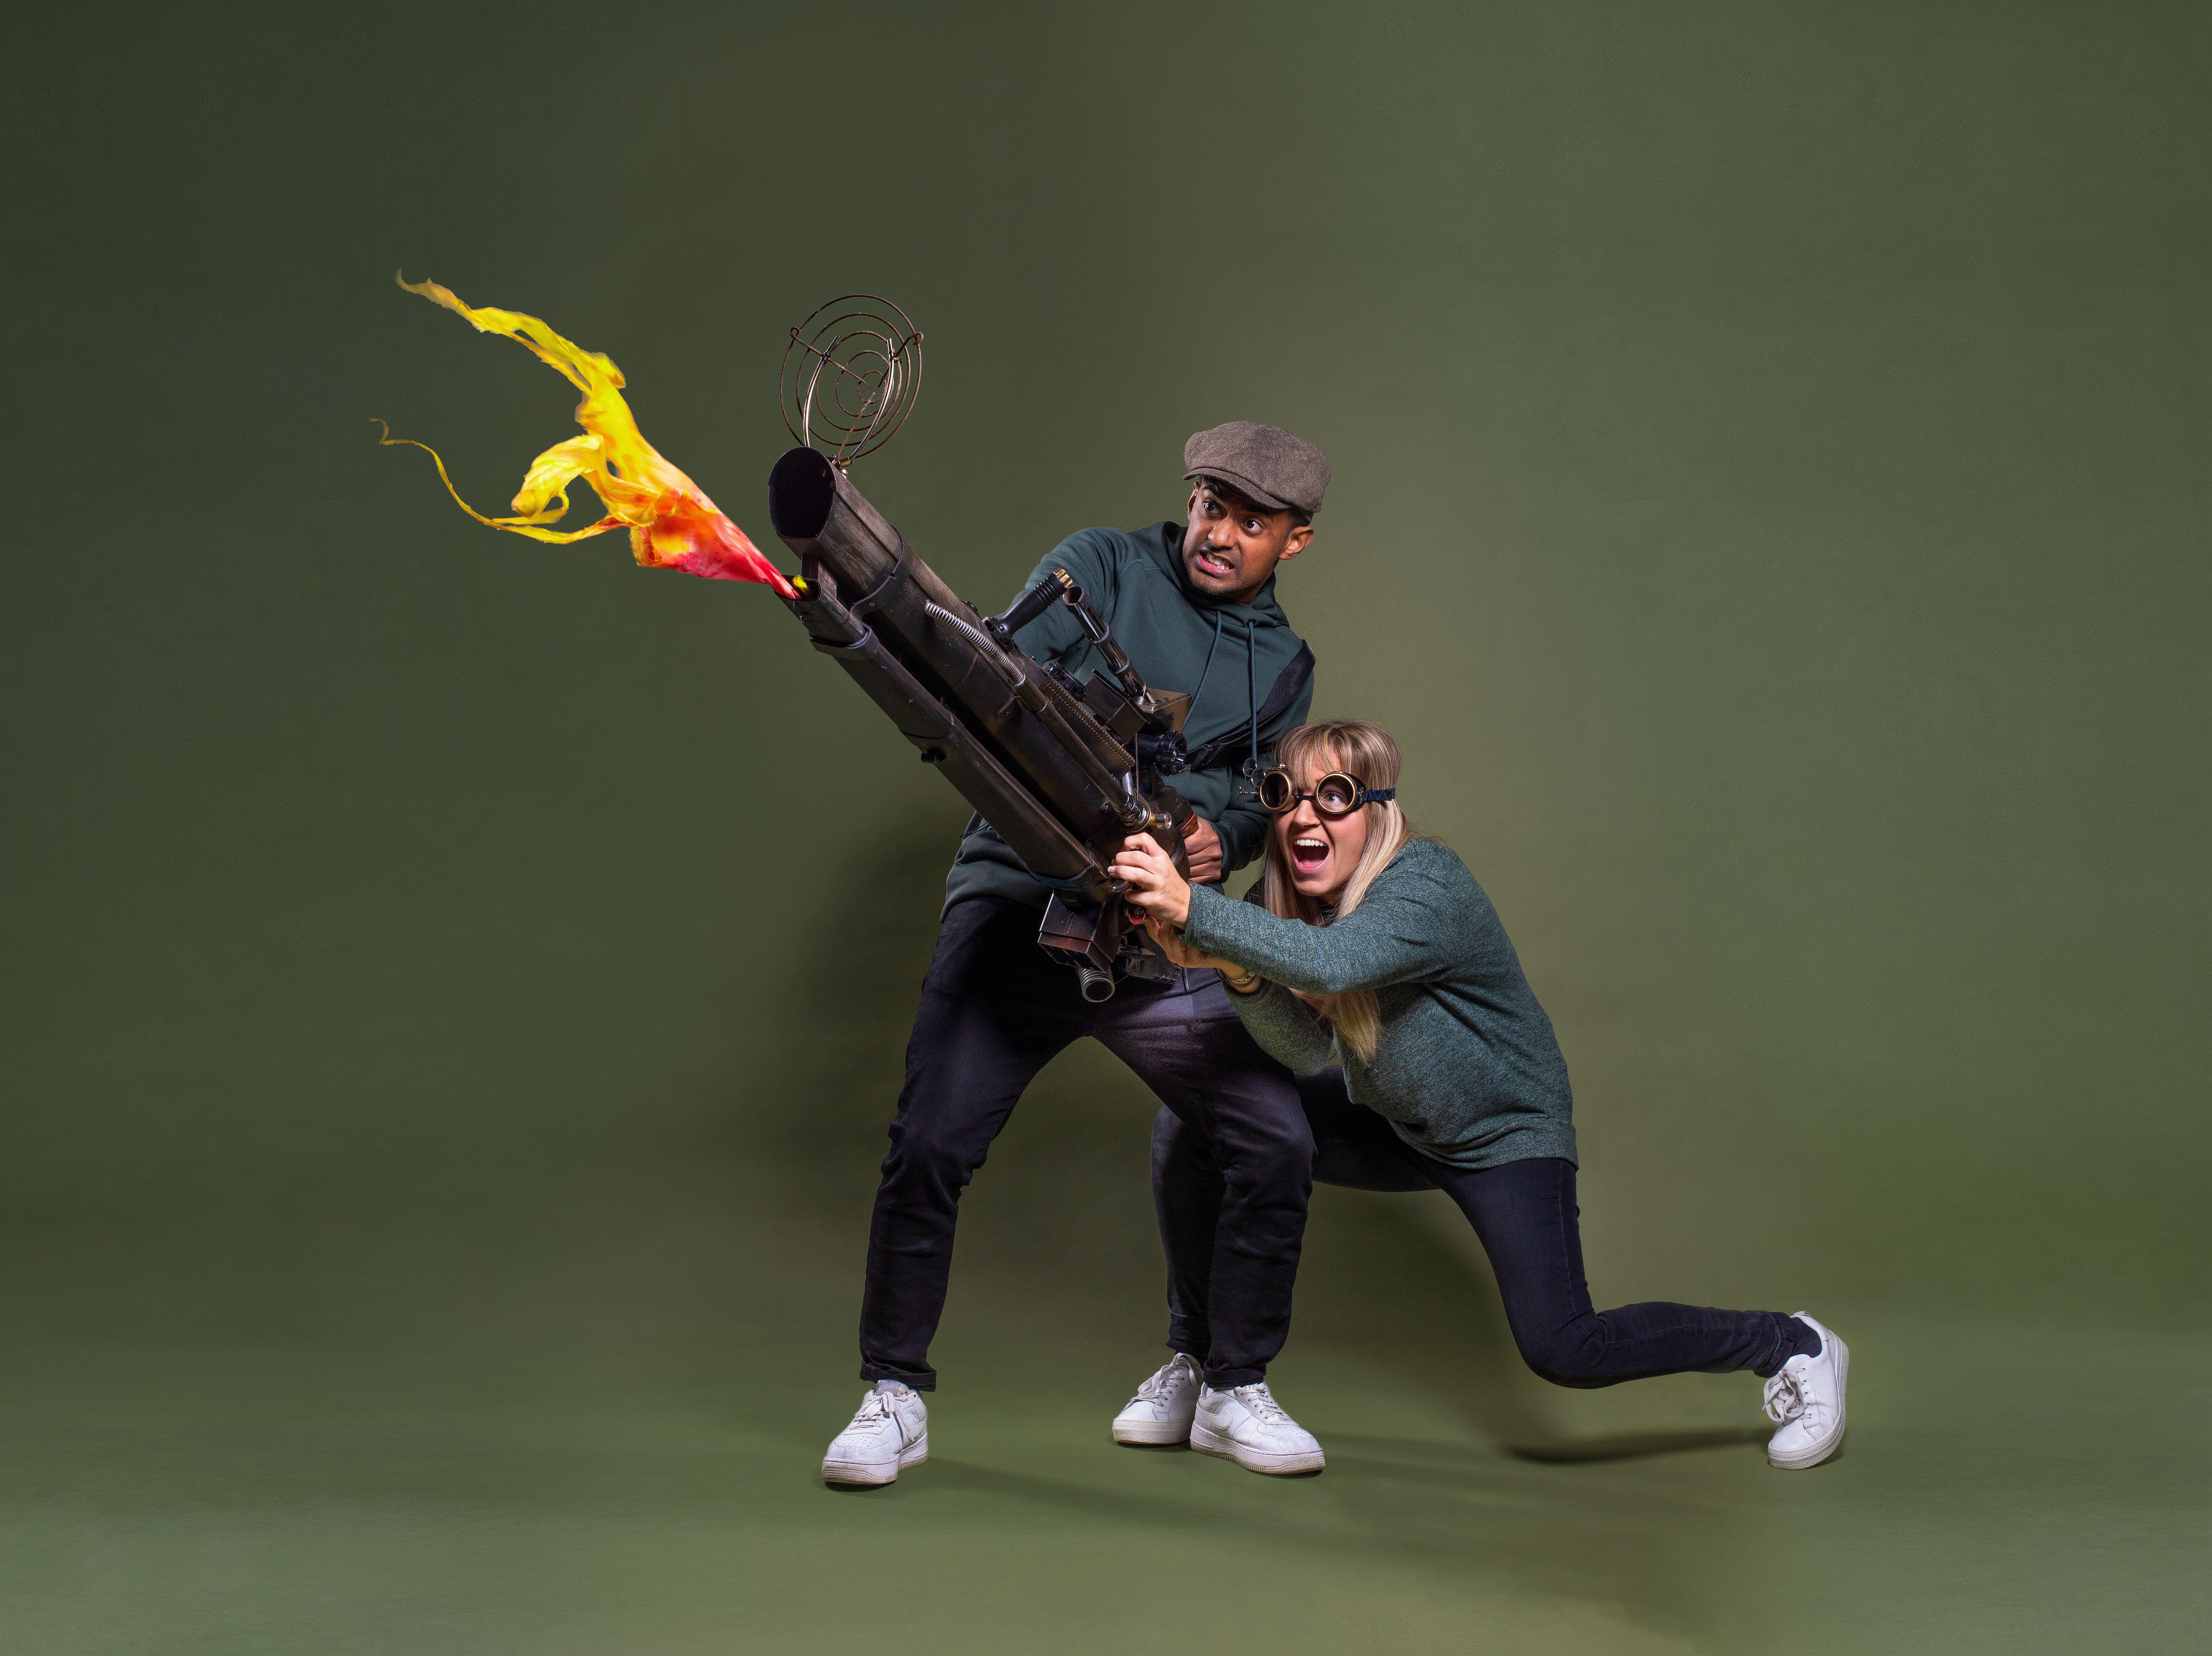 GØYAL: Den Nye Teaterforestillingen For Barn Og Ungdom I Kilden, Gutta I Juletrehuset, Byr På Gøyale Scener. Foto: Jon-Petter Thorsen.